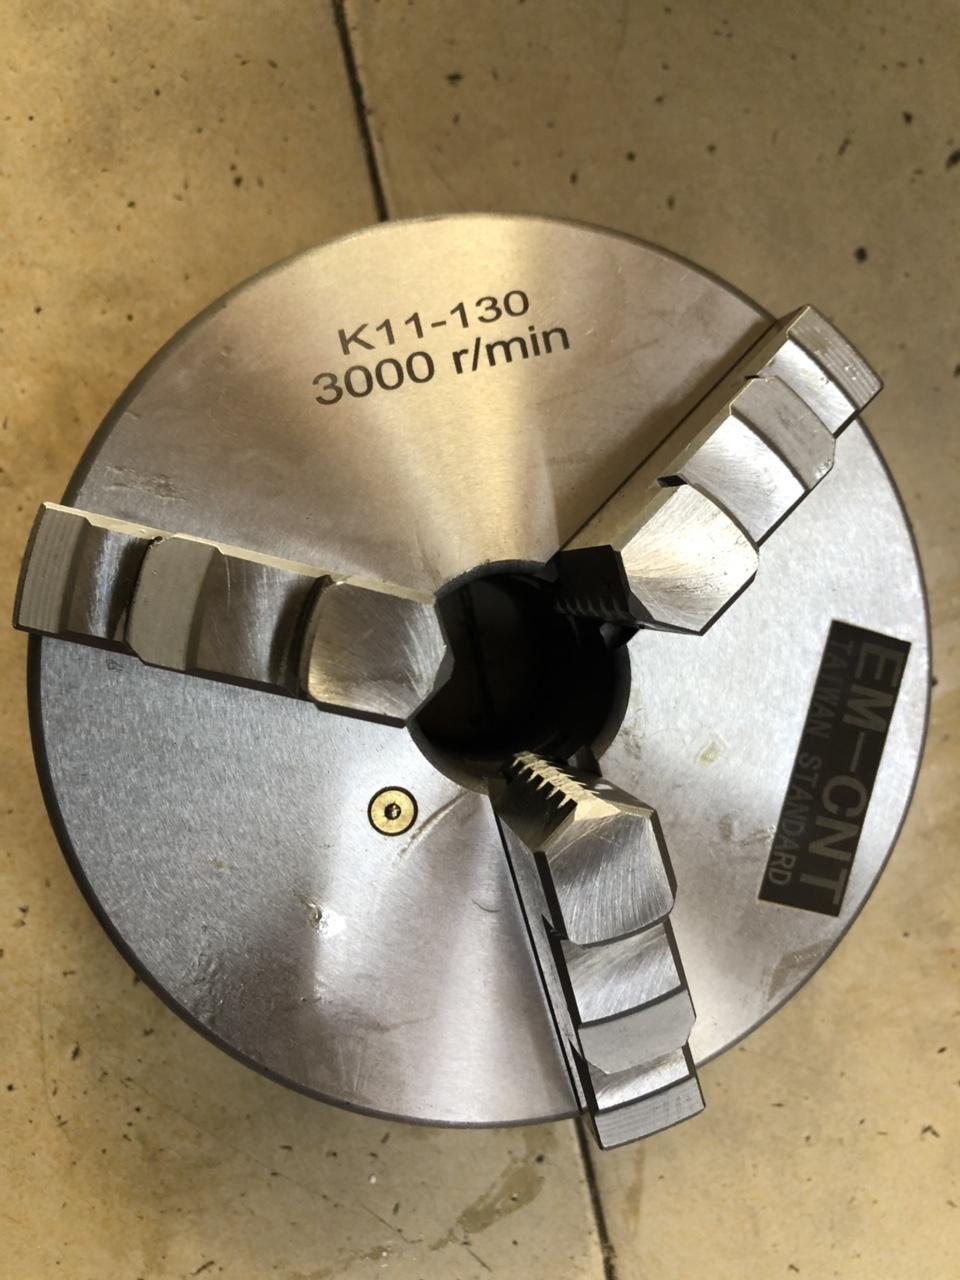 Mâm cập máy tiện cao cấp EM-CNT loại 1(k11-130)